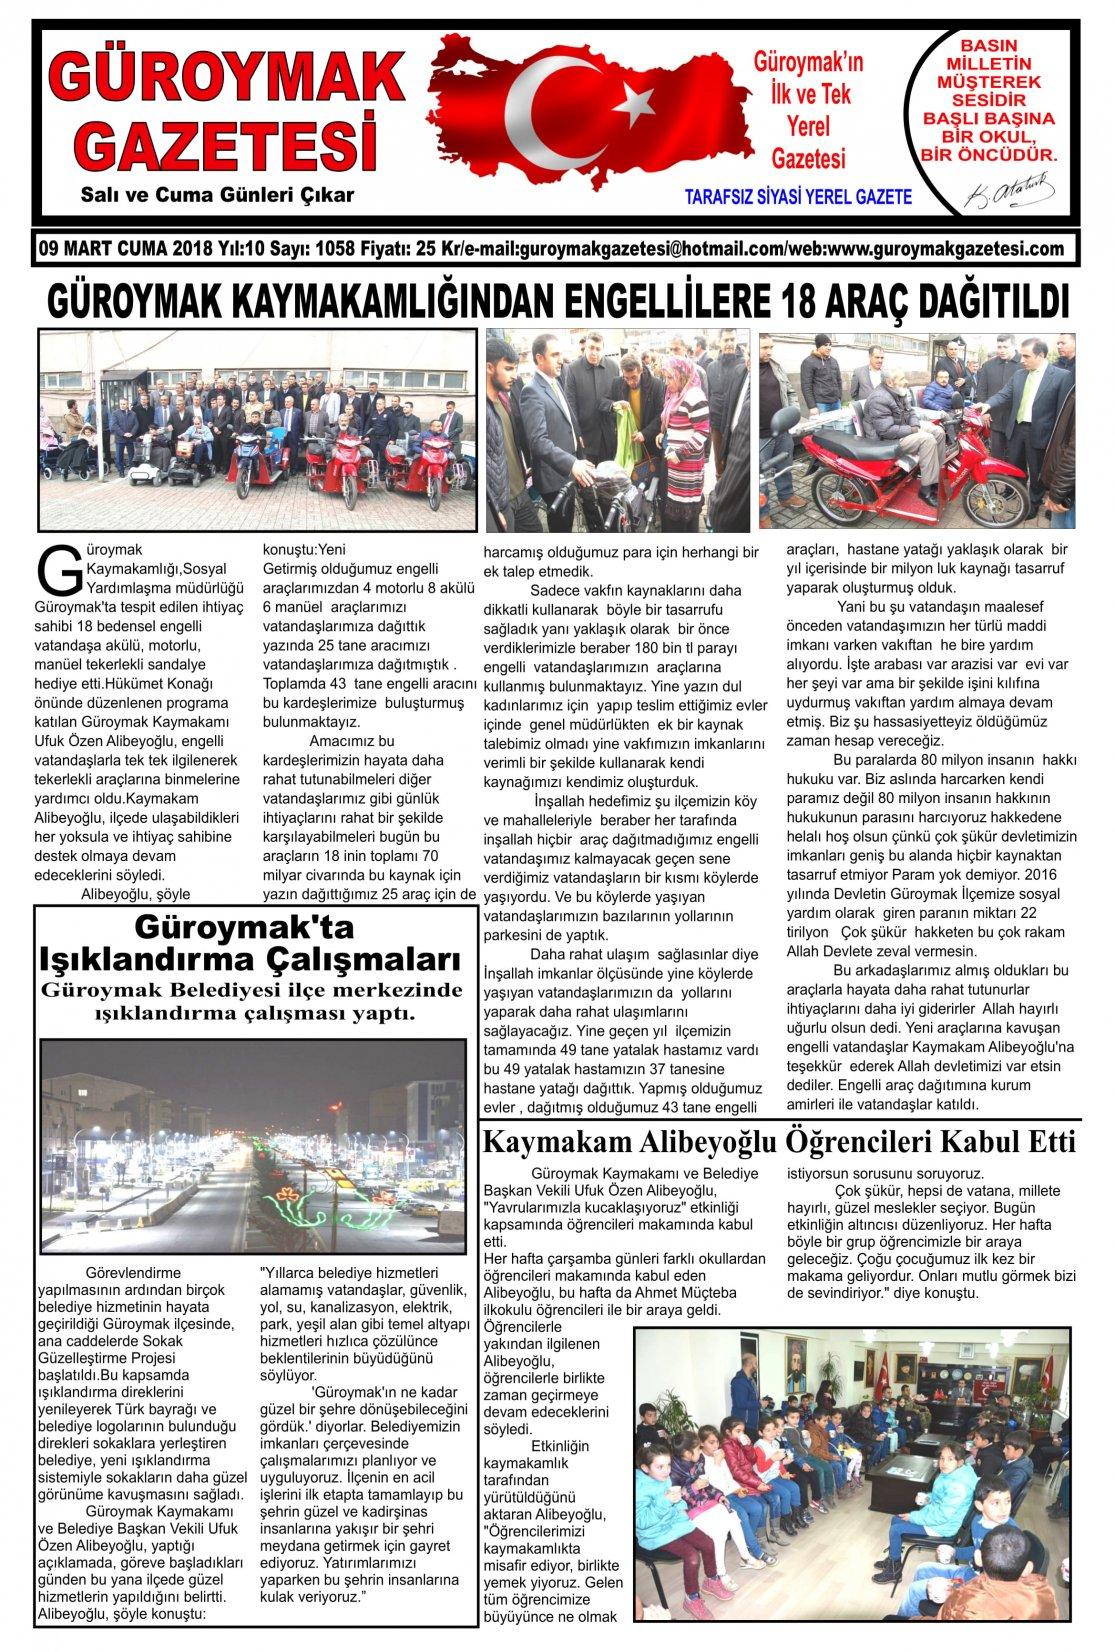 Güroymak Gazetesi 1.jpg Sayılı Gazete Küpürü